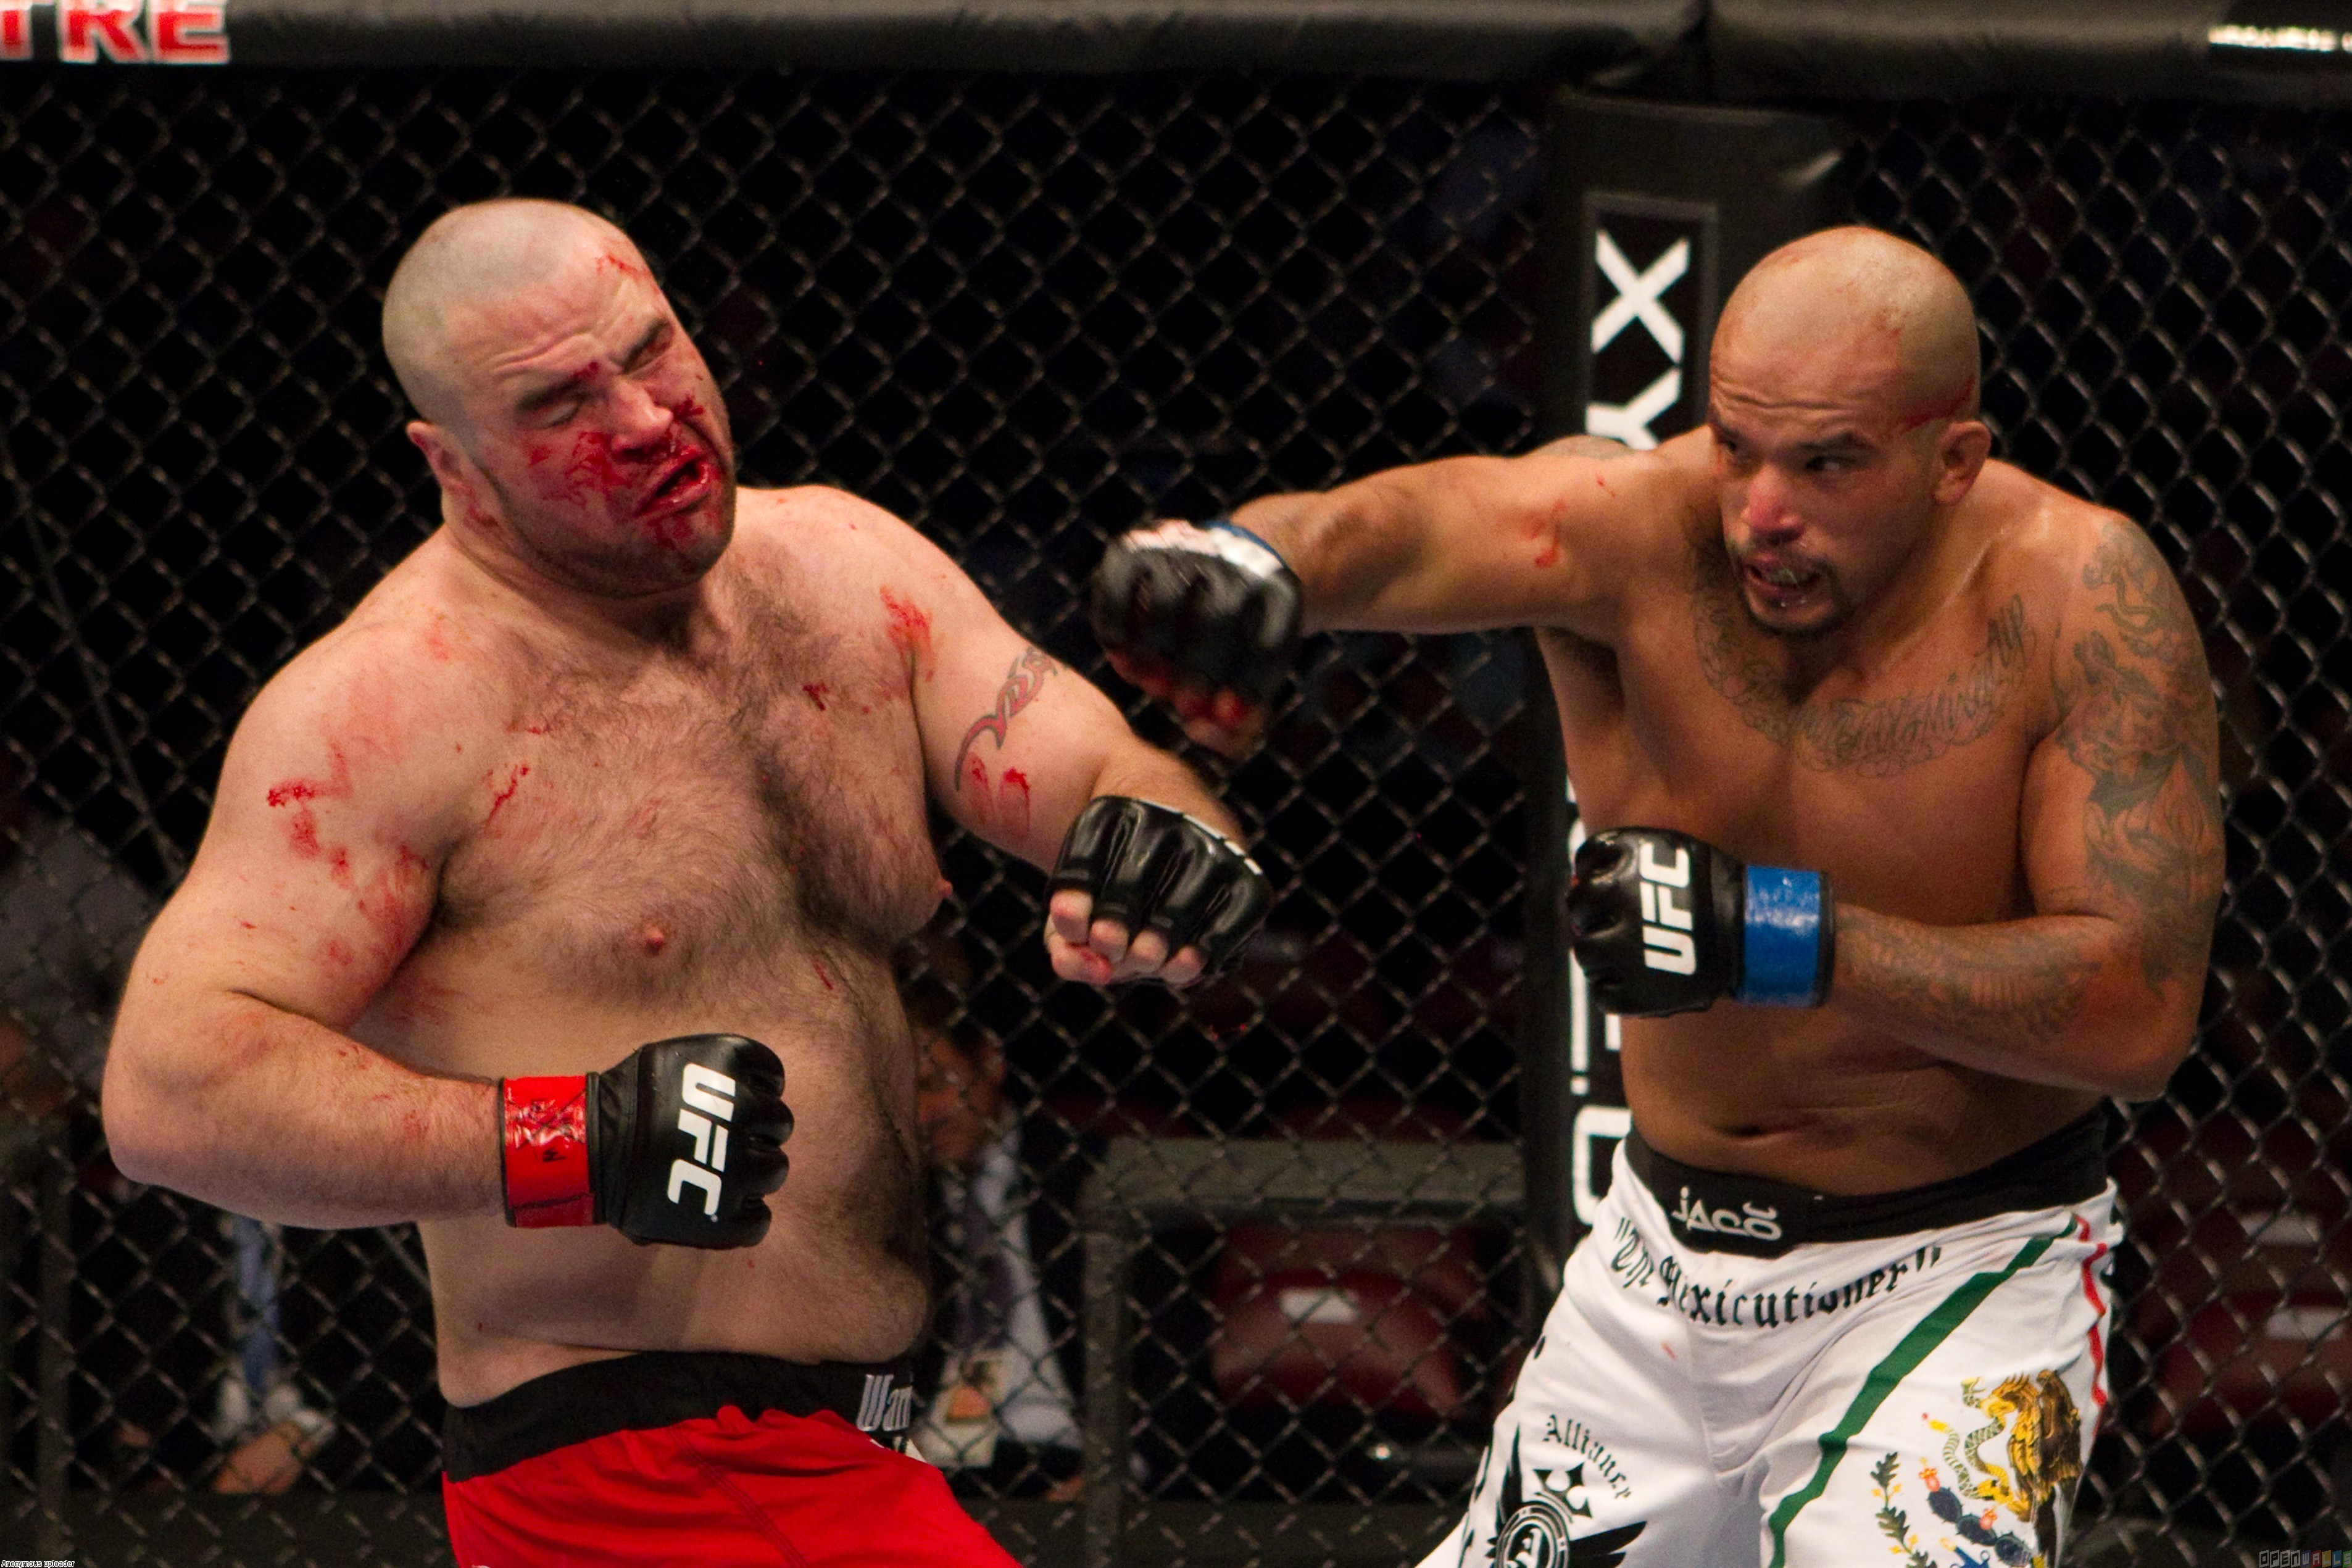 UFC Wallpapers HD   Taringa 3811x2541